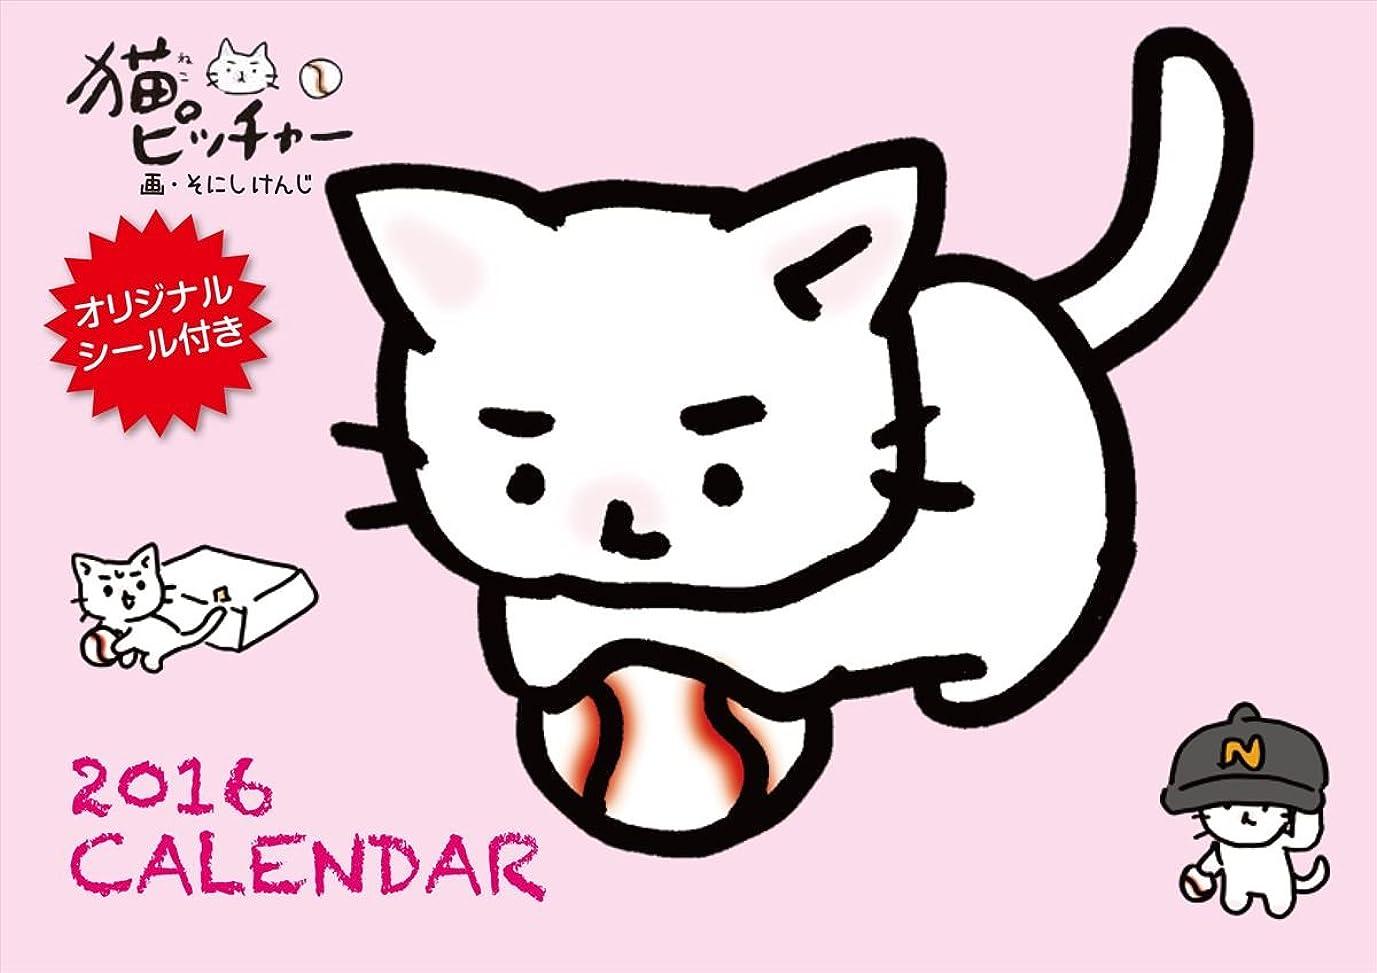 共和国安心バスケットボール猫ピッチャー 2016年 カレンダー 壁掛け